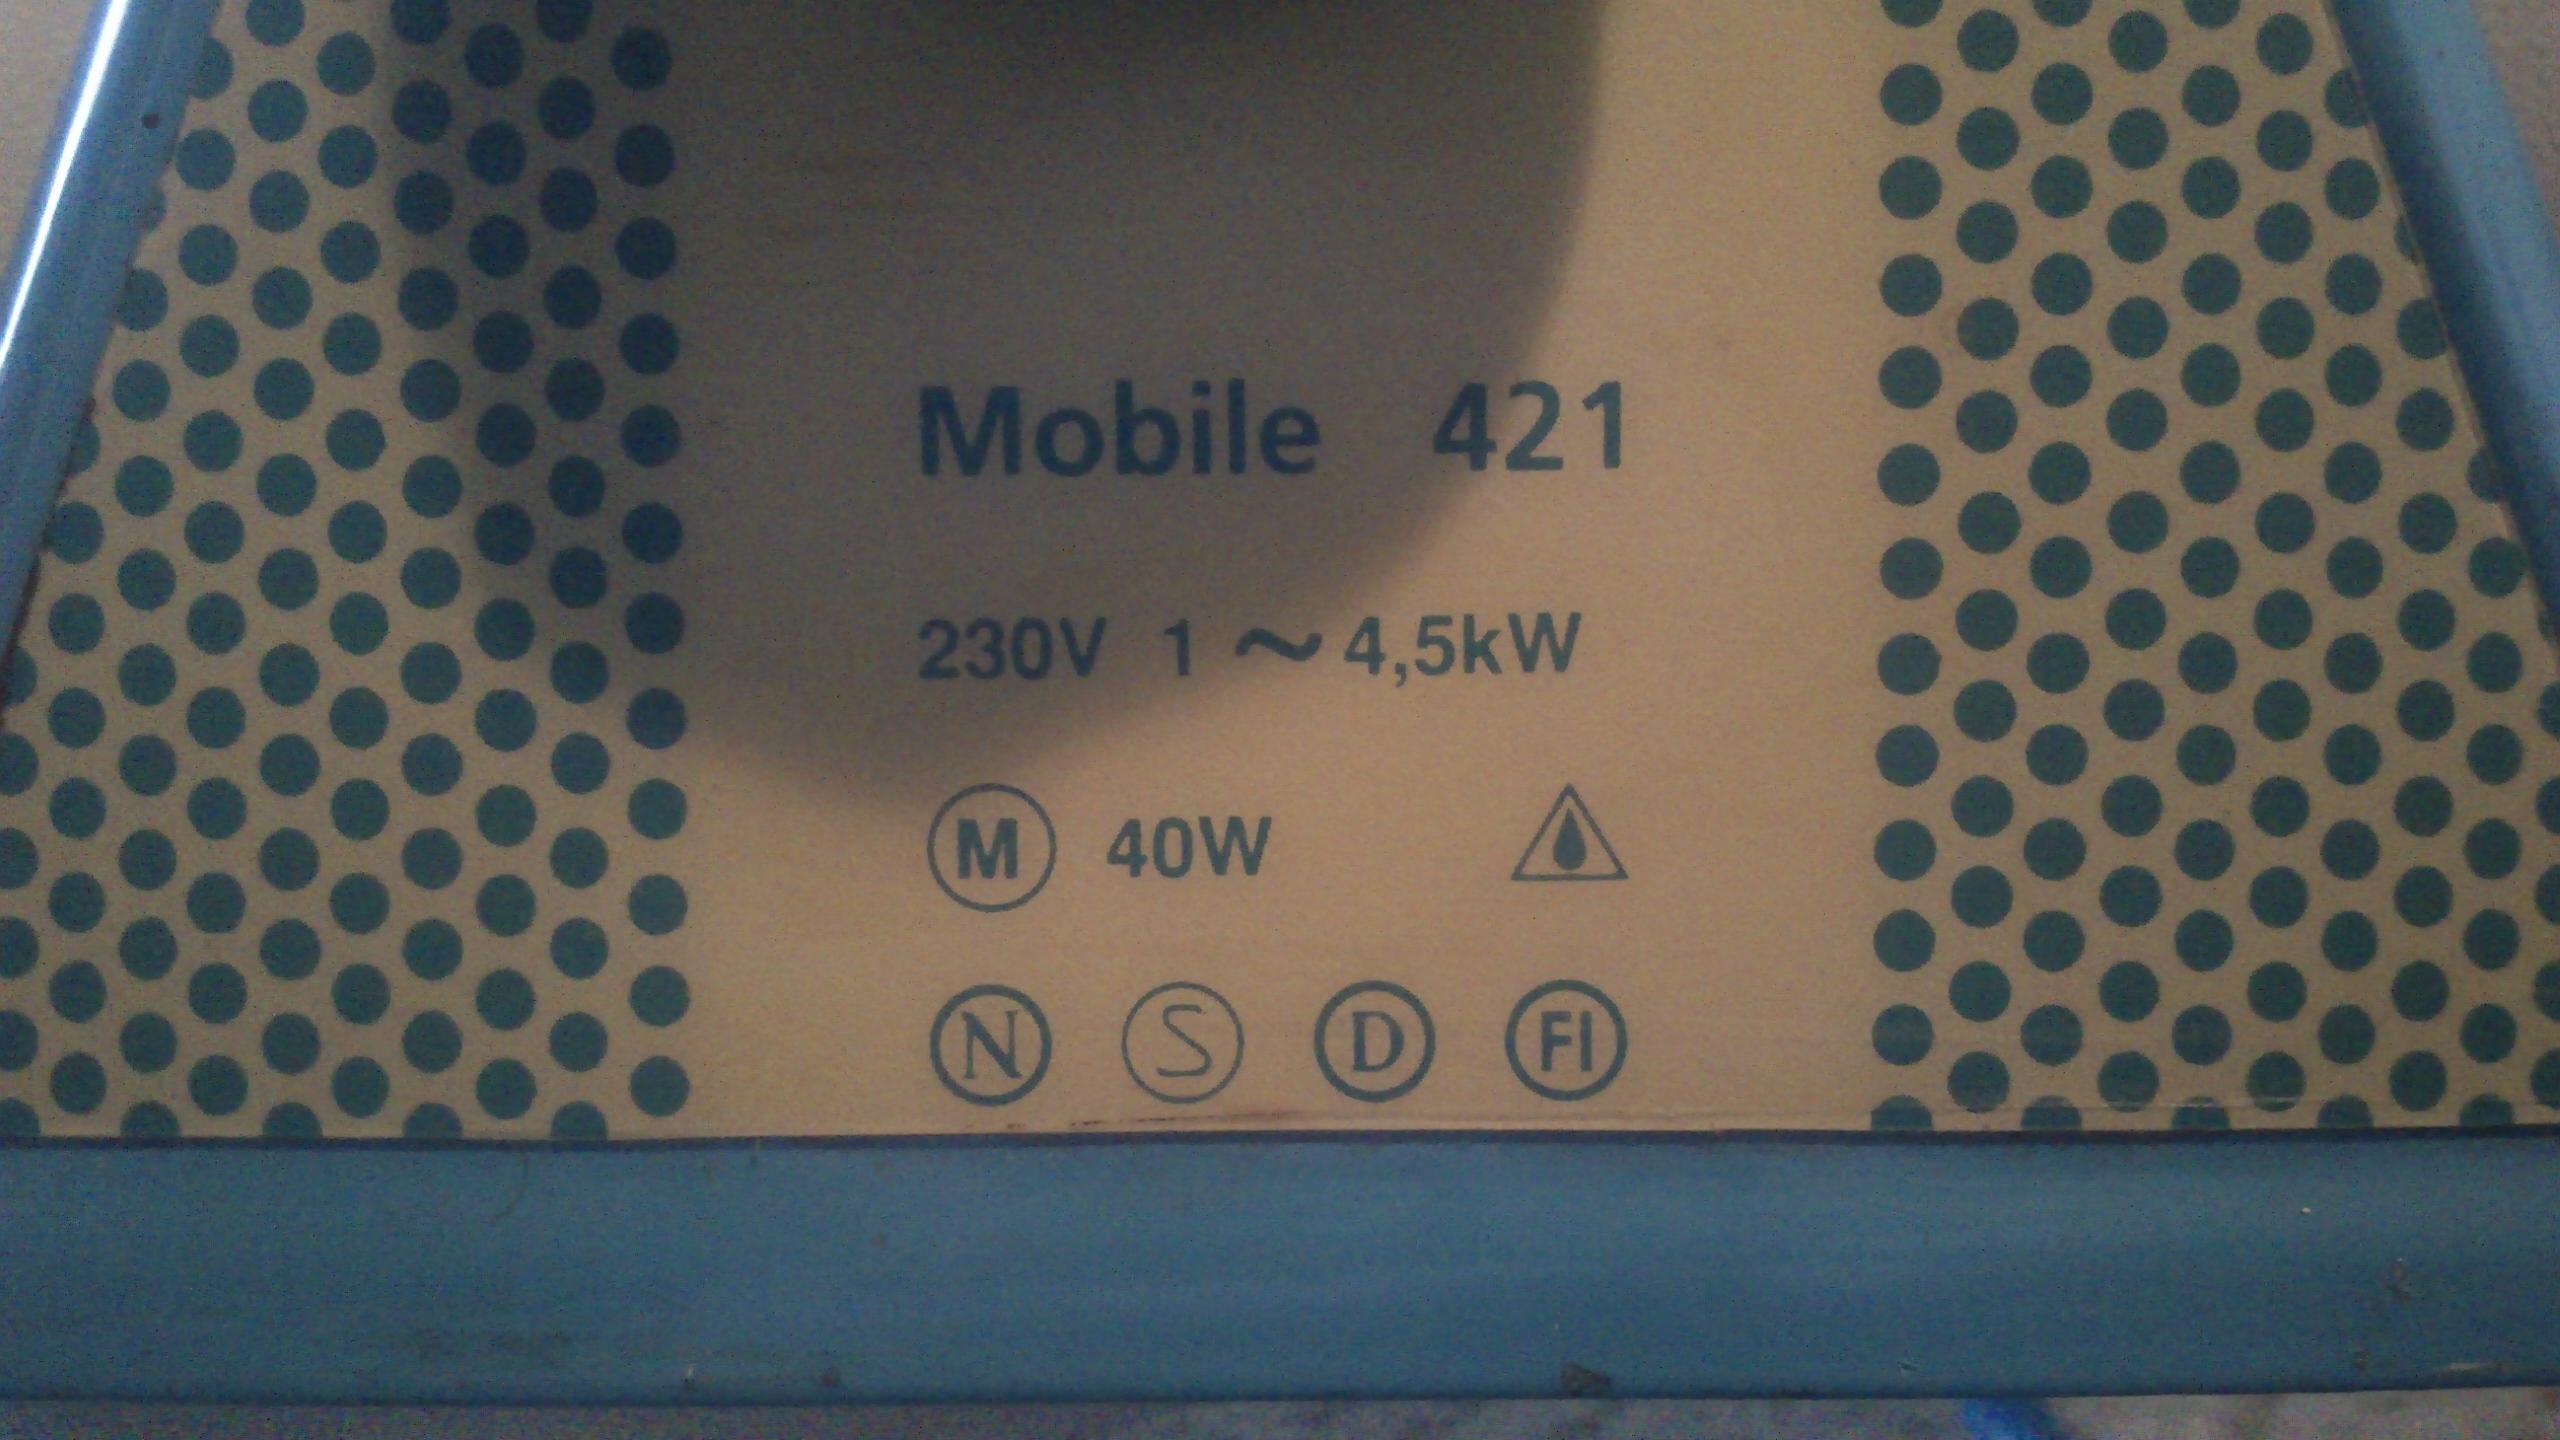 [Sprzedam] Nagrzewnica - termowentylator Pyrox Mobile 421 ok. 4.5kW